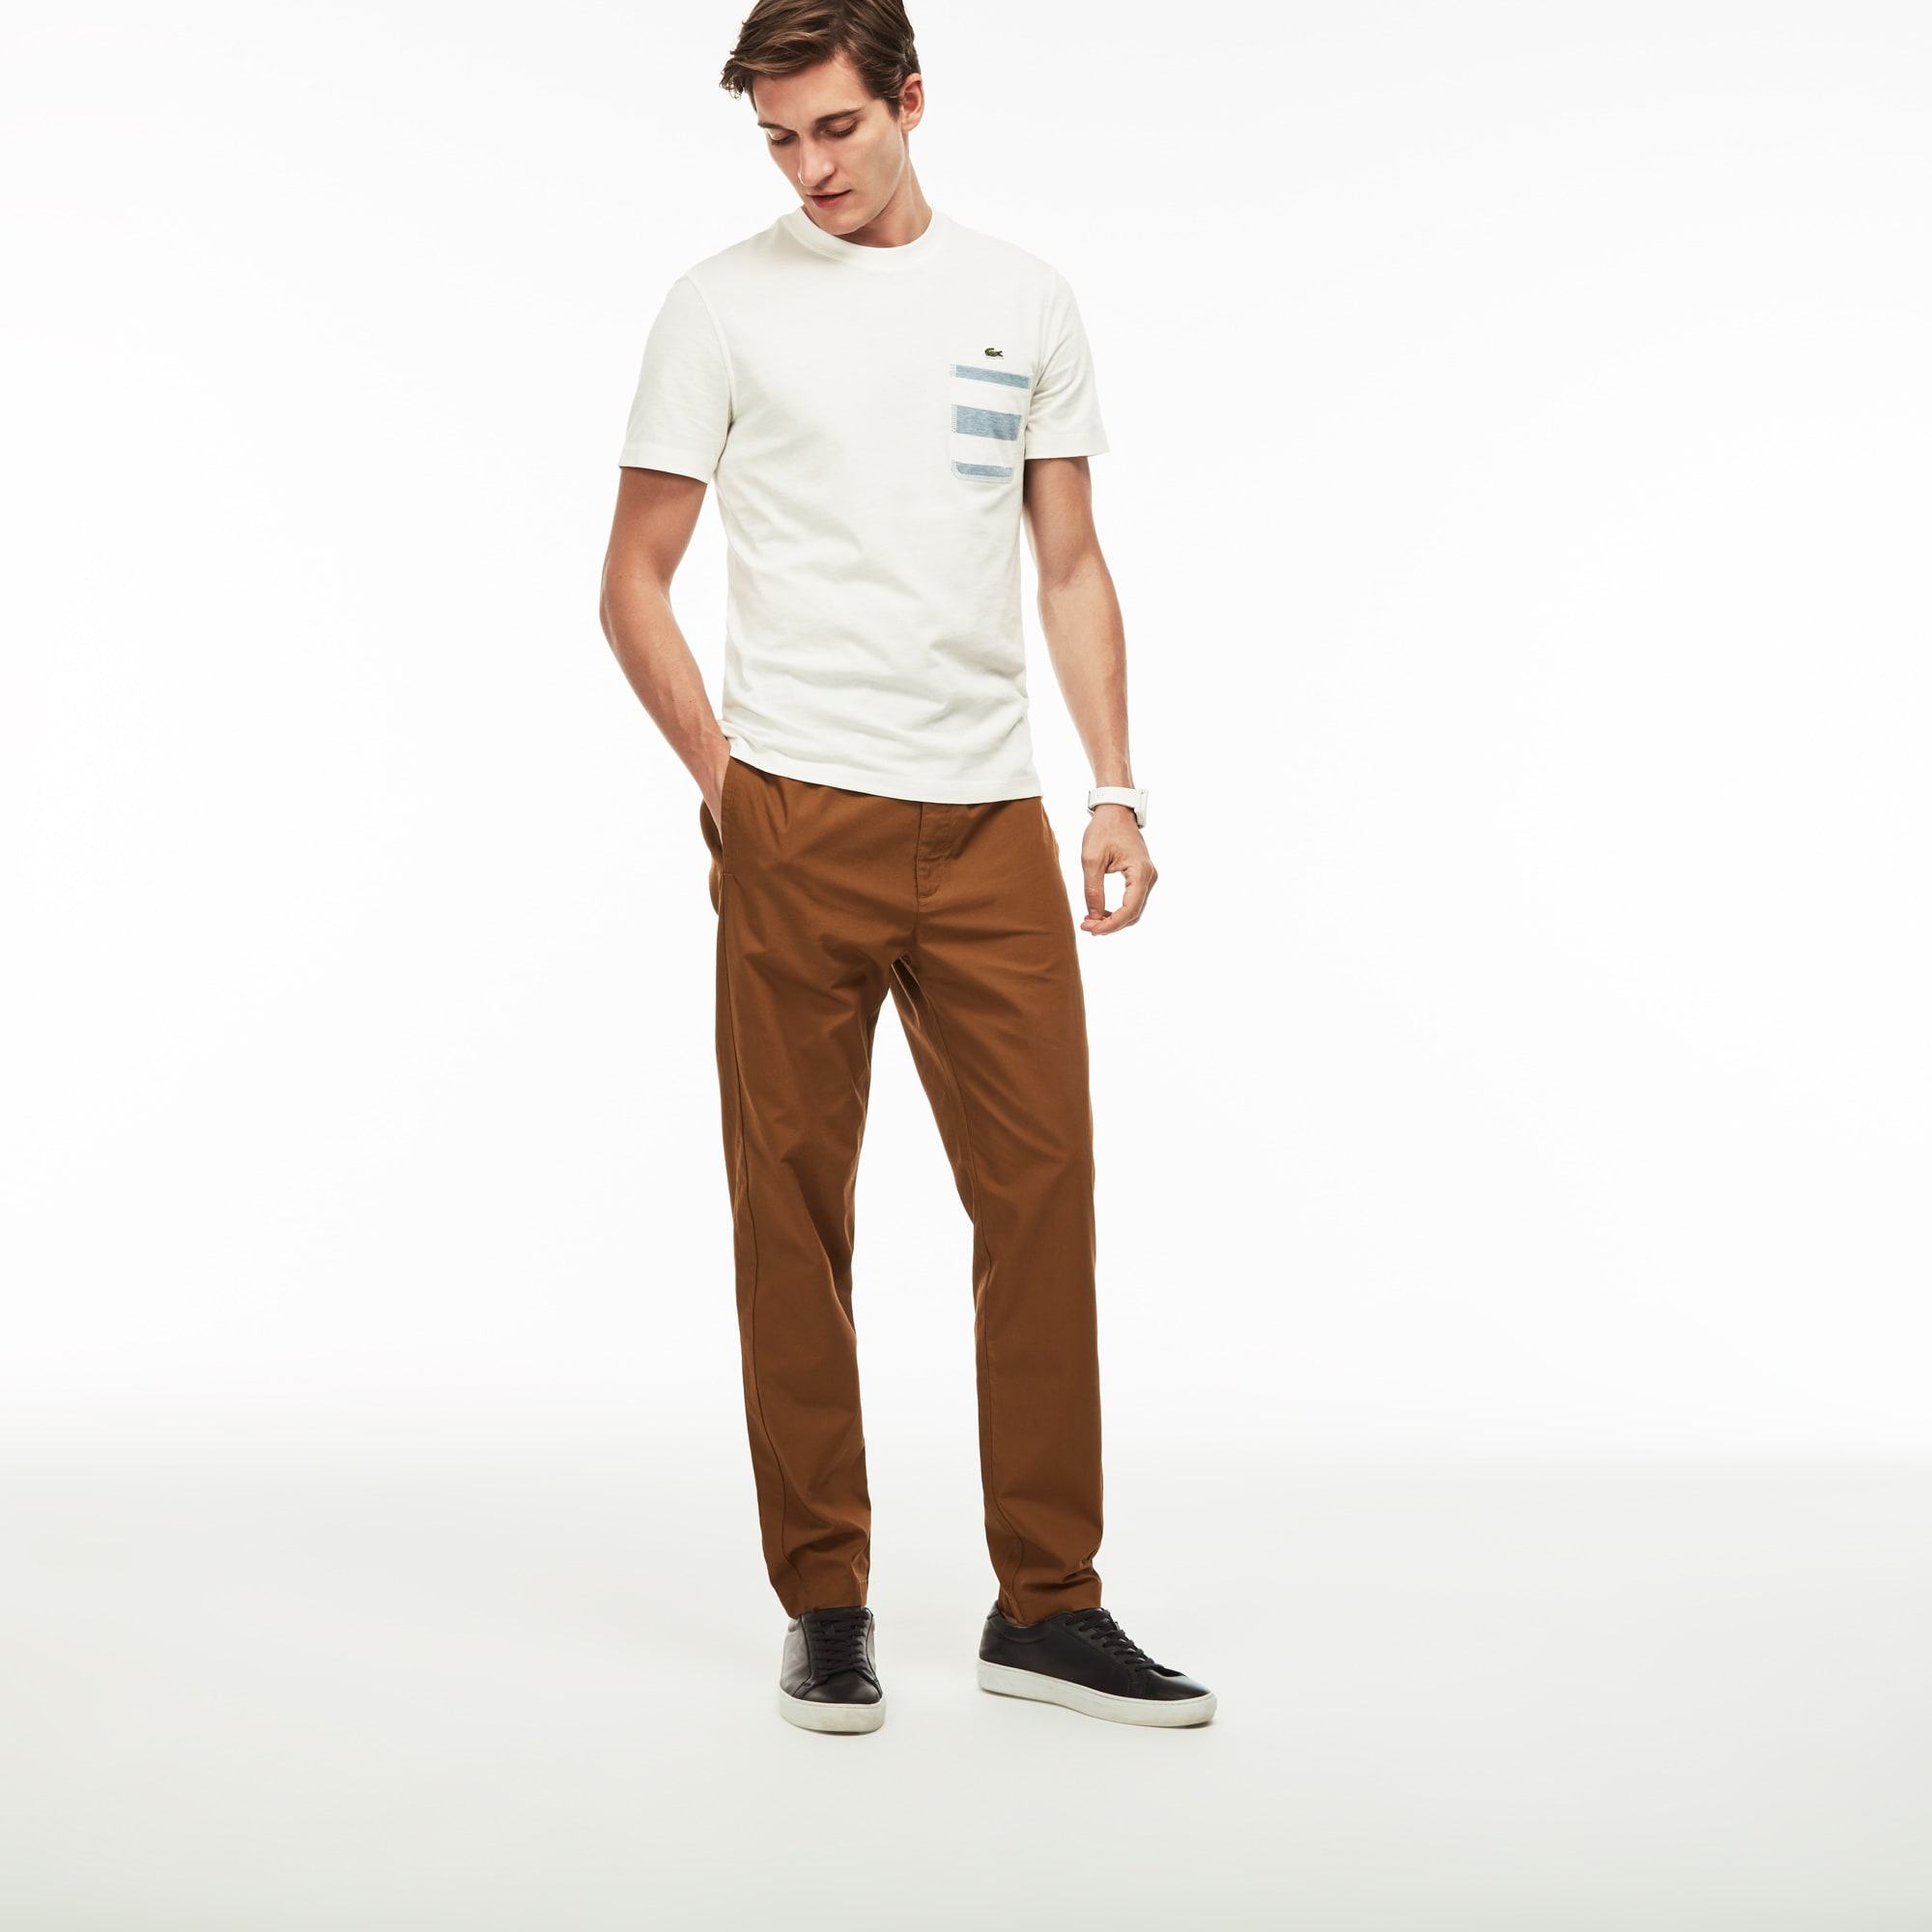 Men's Technical Cotton Pants